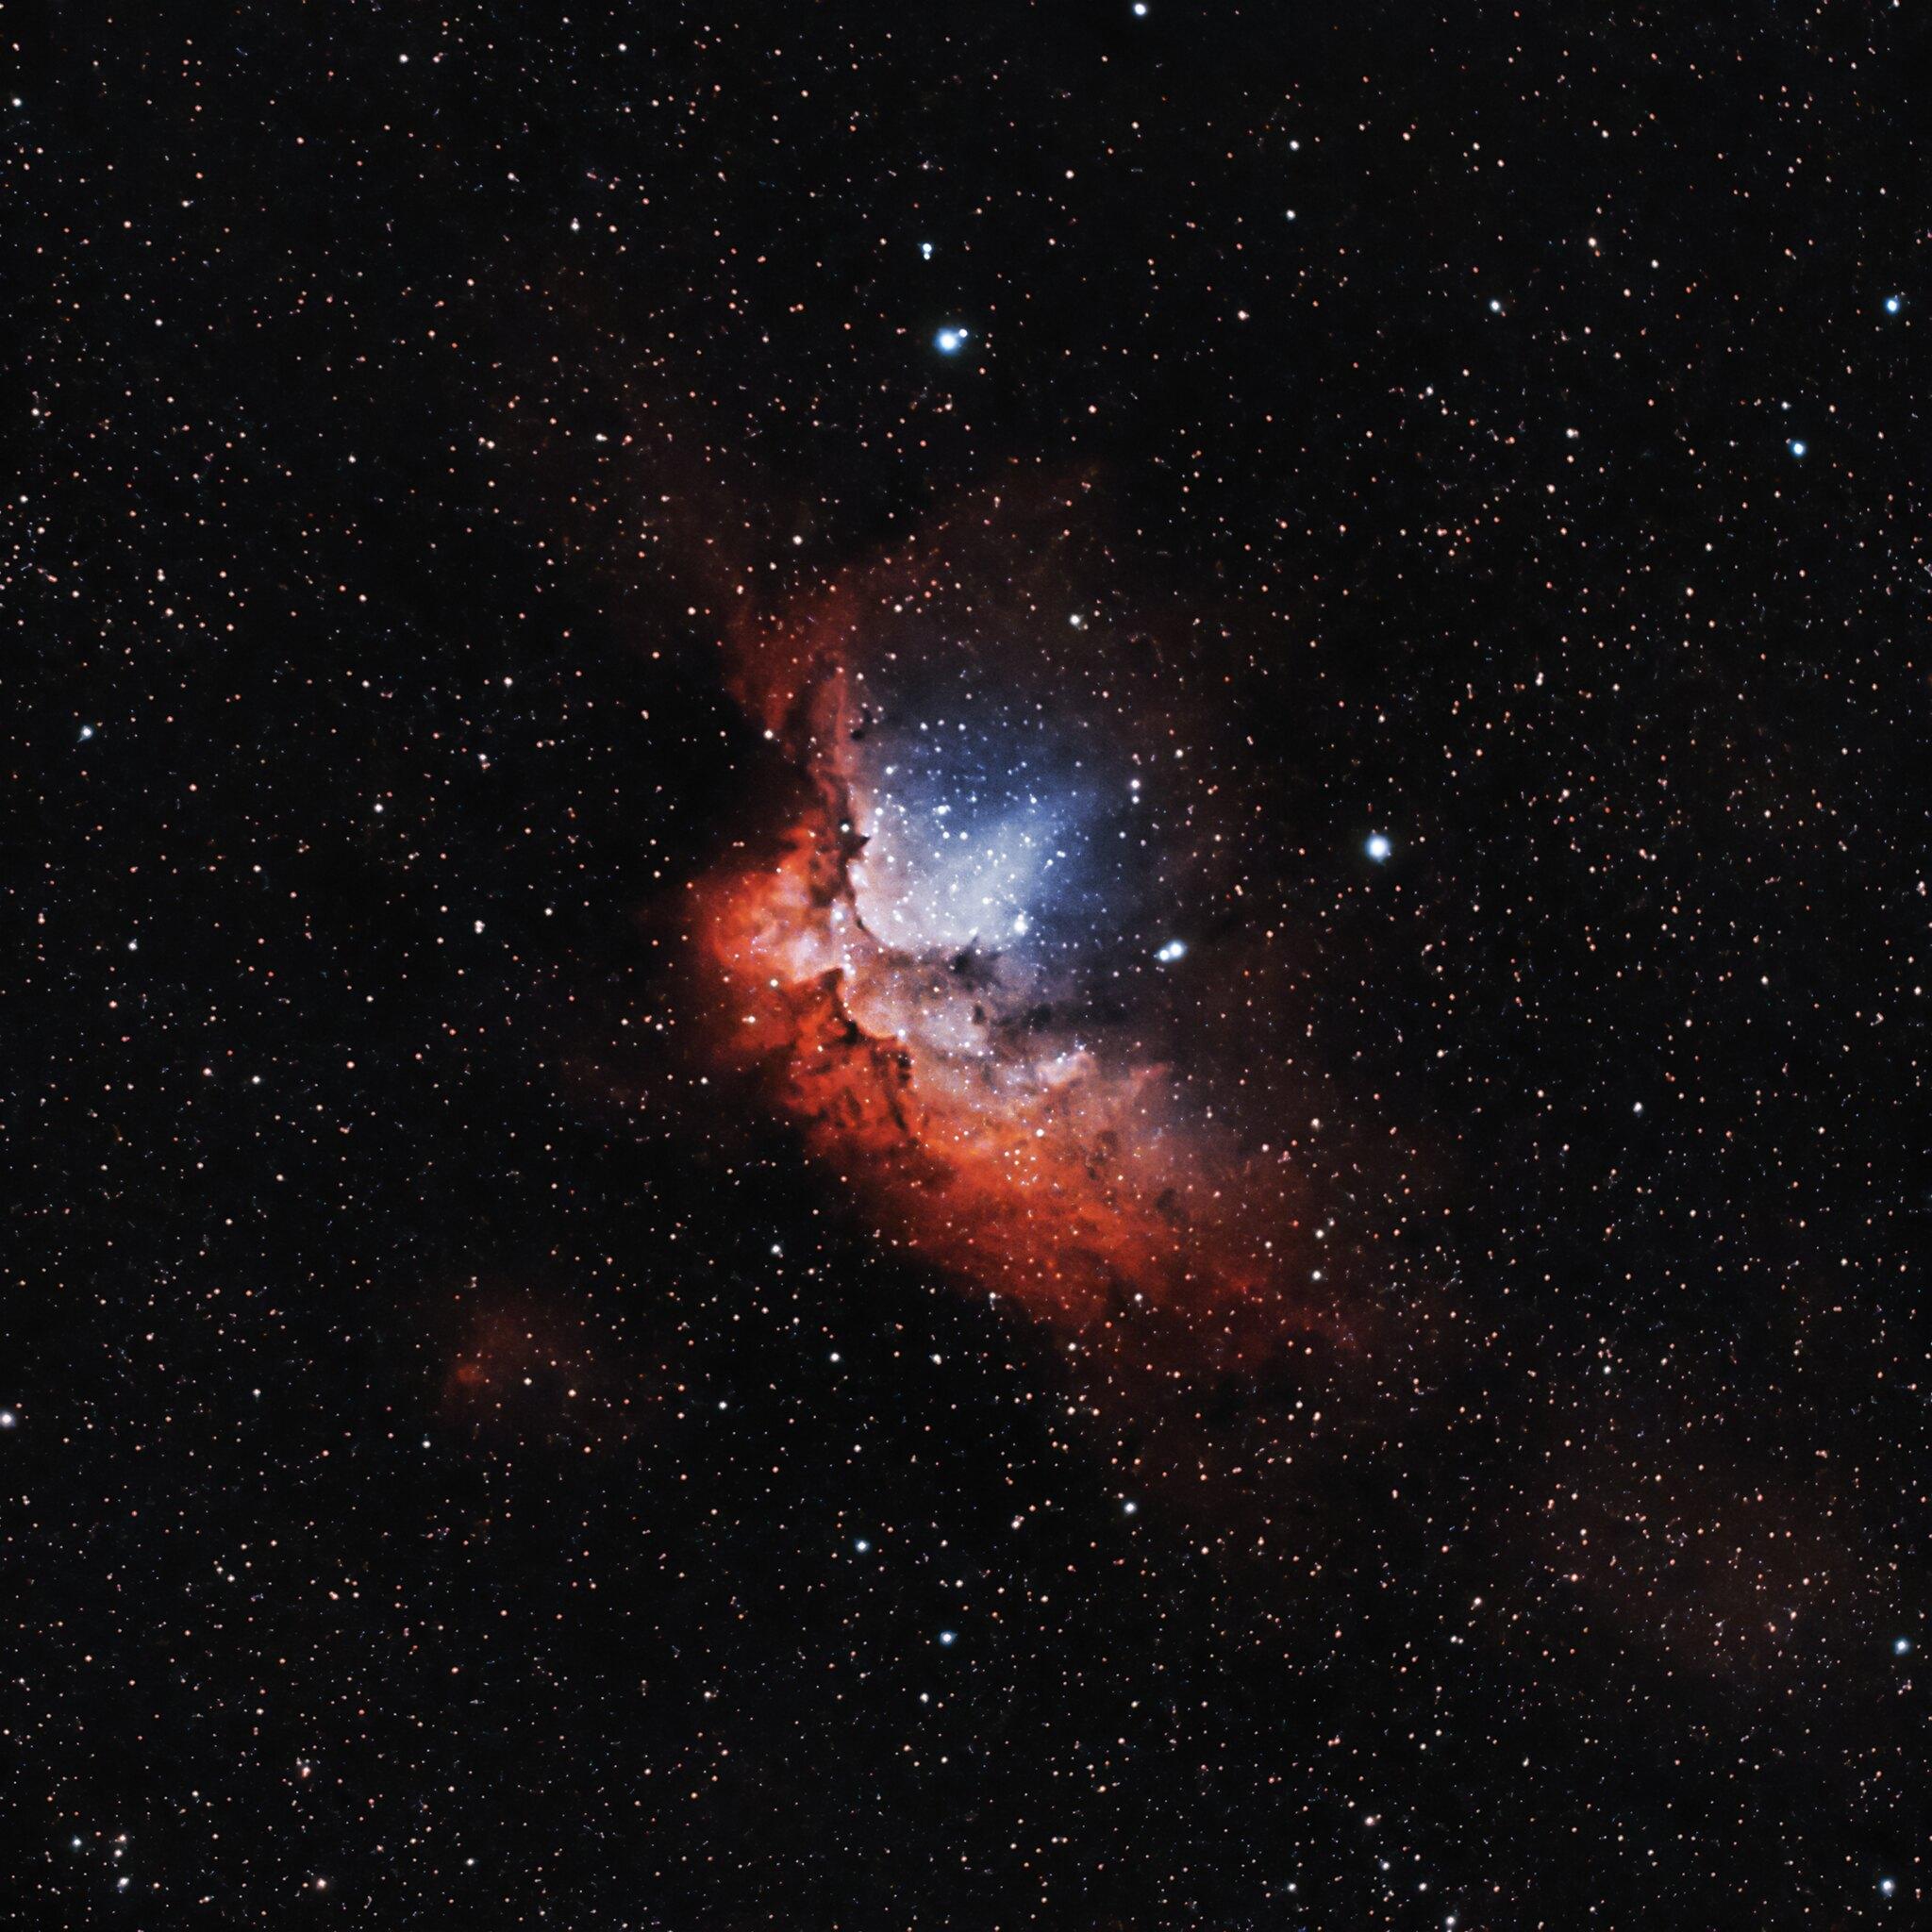 62879 скачать обои Космос, Звезды, Туманность, Вселенная, Галактика - заставки и картинки бесплатно